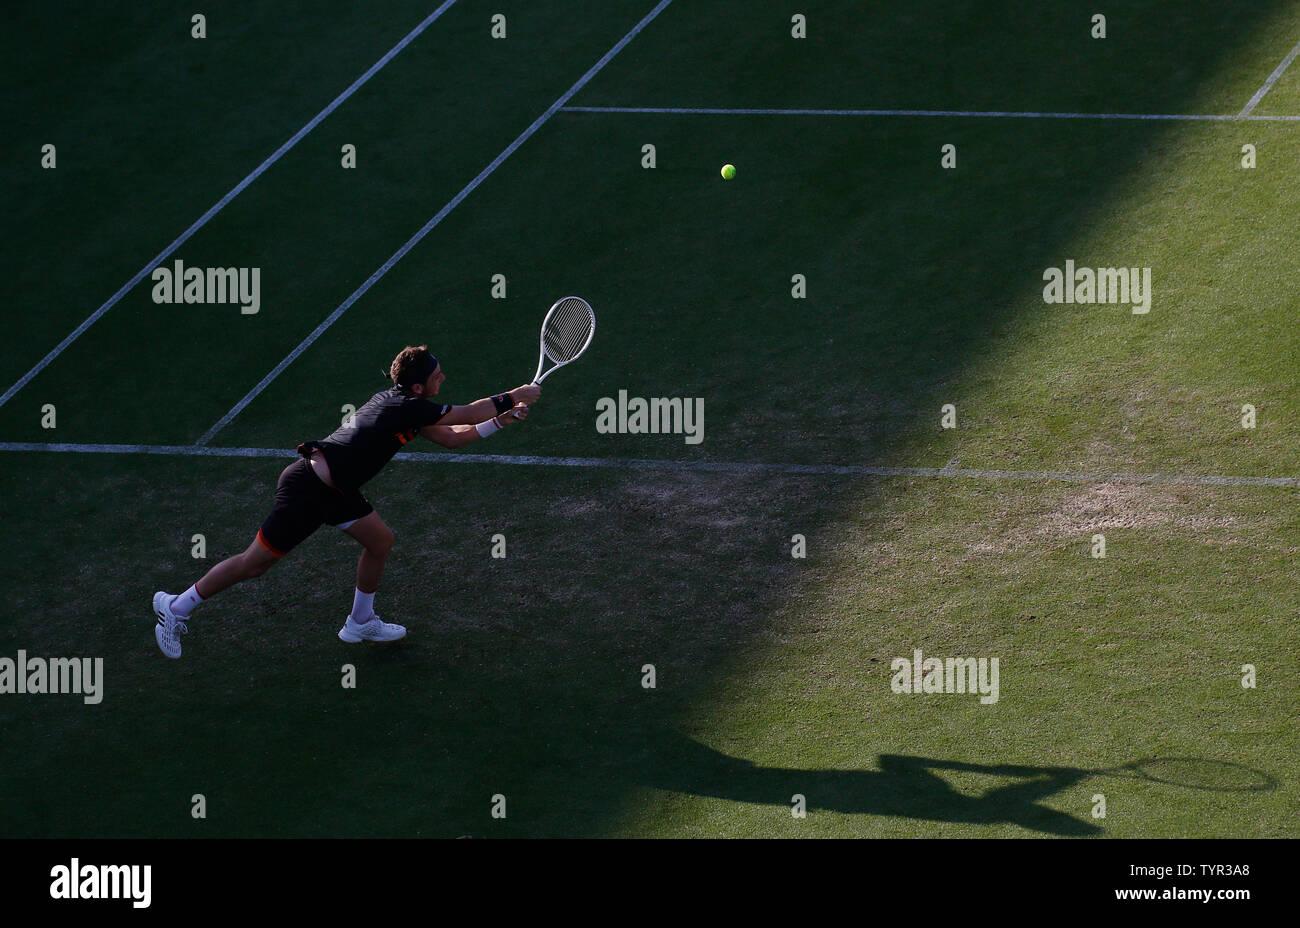 Devonshire Park, Eastbourne, Regno Unito. Il 26 giugno, 2019. Natura Valle Torneo Internazionale di Tennis; Cameron Norrie (GBR) gioca il rovescio sparato contro Kyle Edmund (GBR) Credito: Azione Sport Plus/Alamy Live News Foto Stock